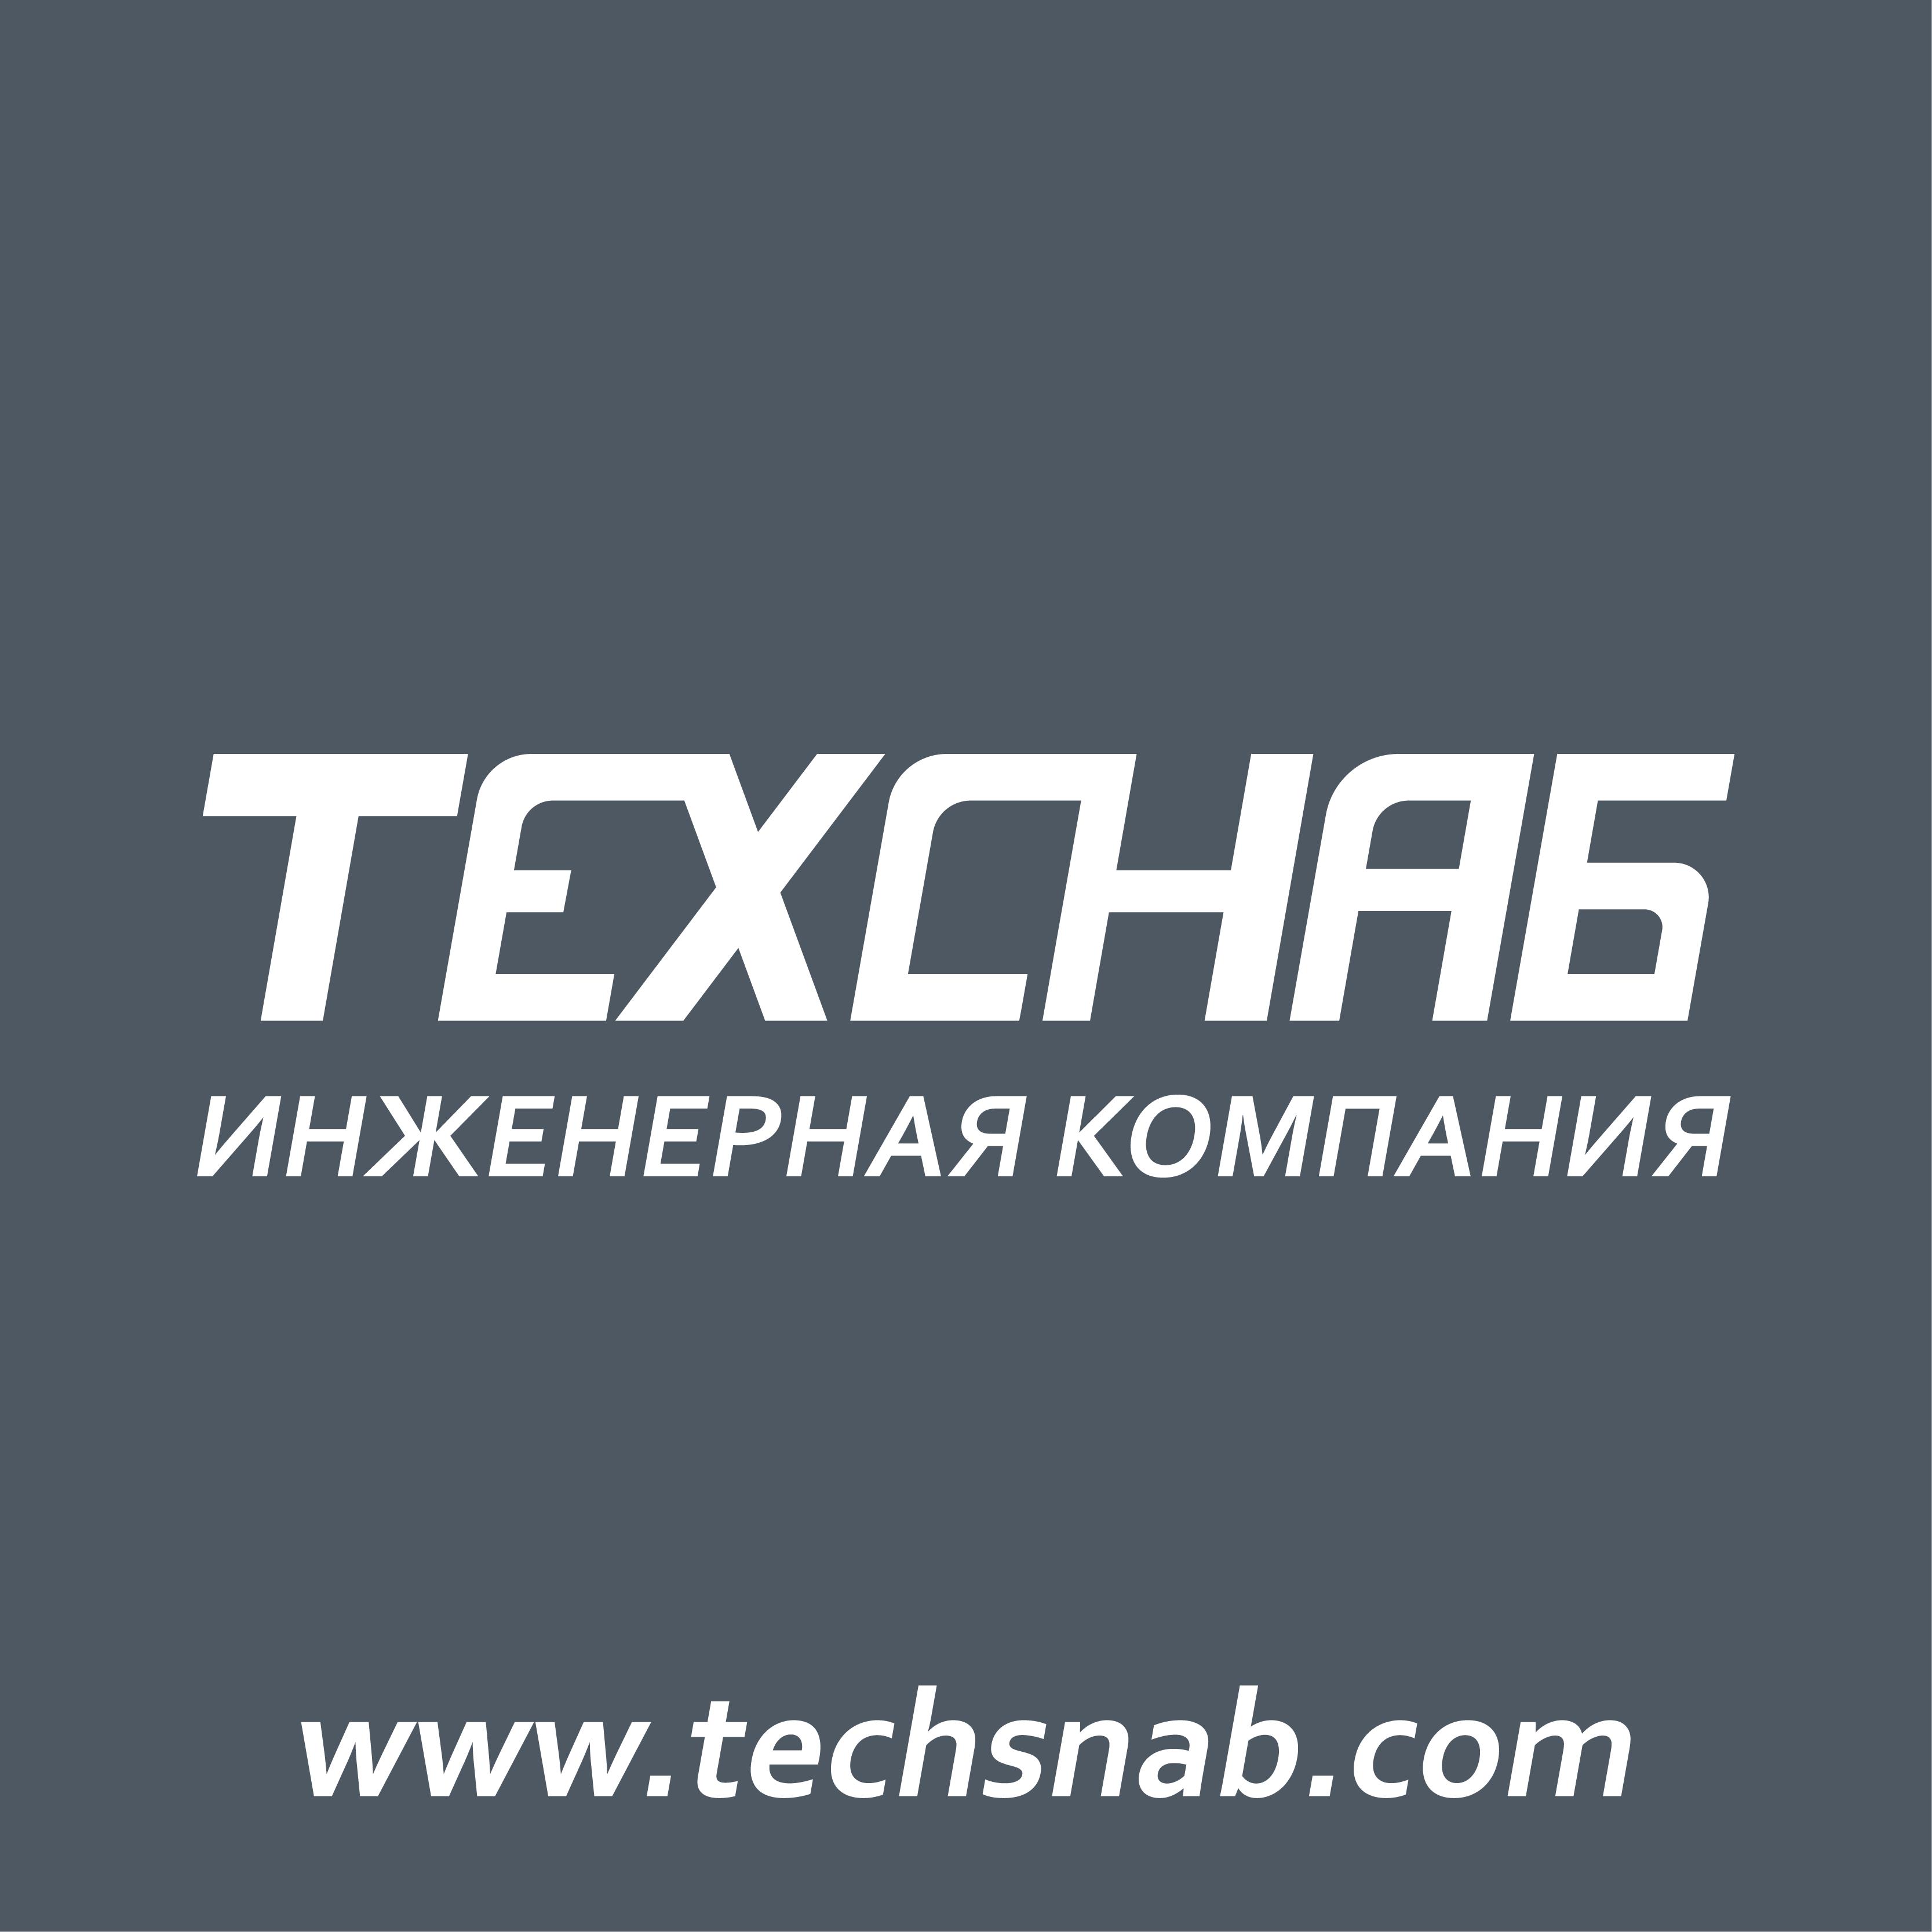 Разработка логотипа и фирм. стиля компании  ТЕХСНАБ фото f_1285b1bac5a366ec.png